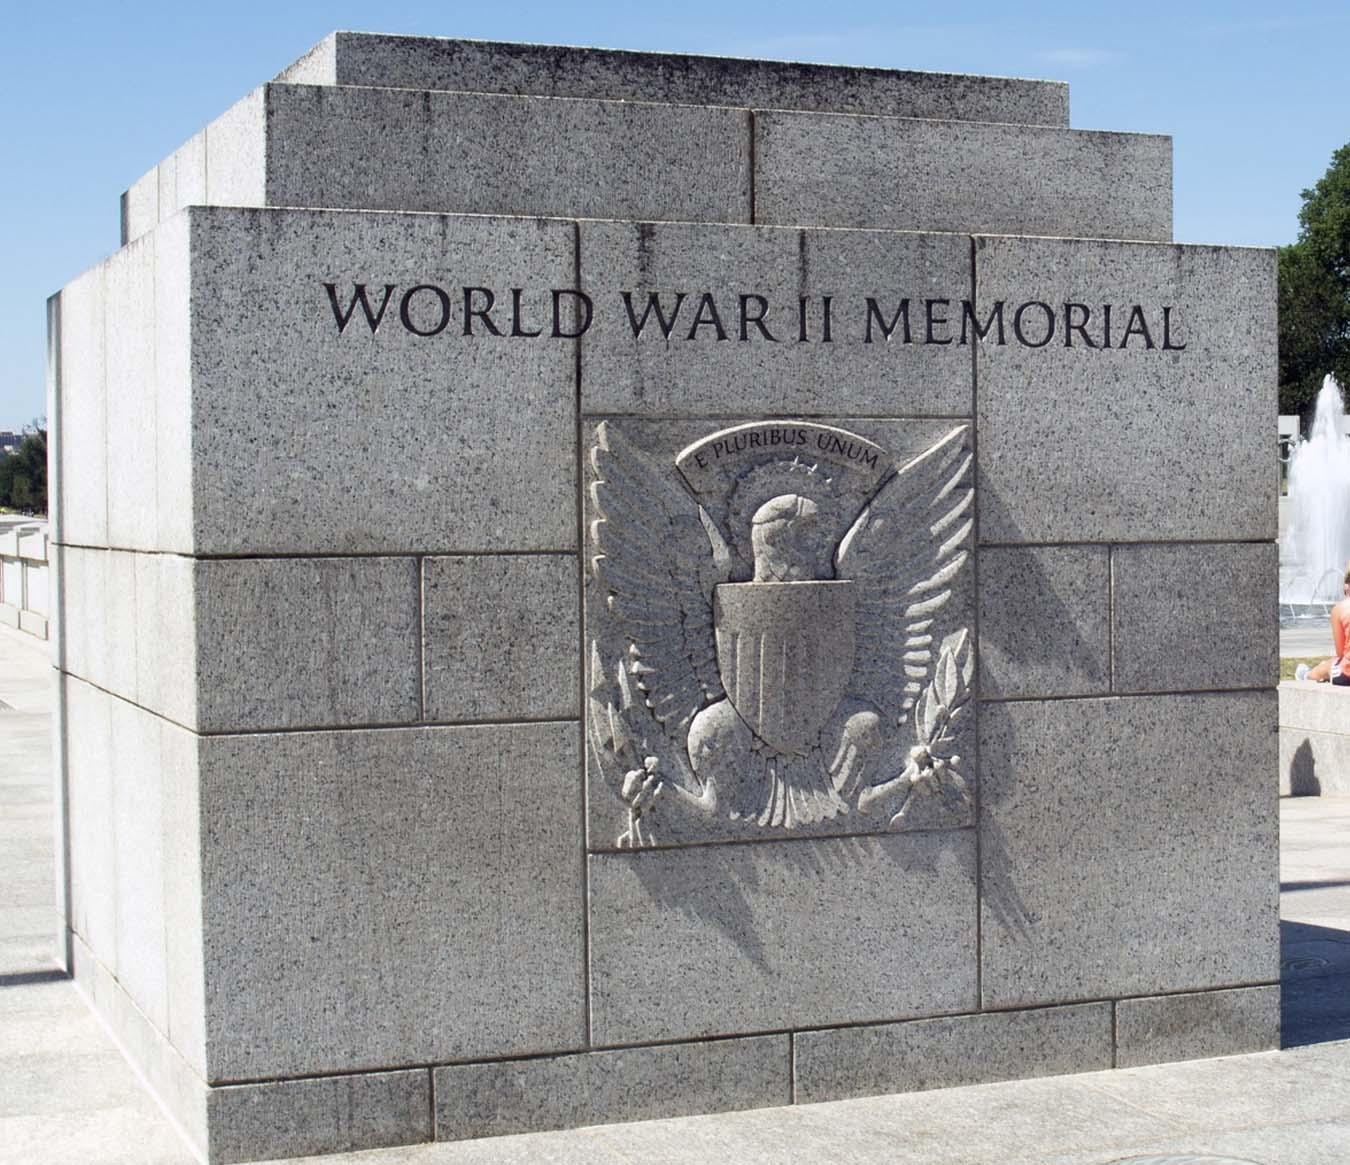 Things to Do in Washington - World War II Memorial